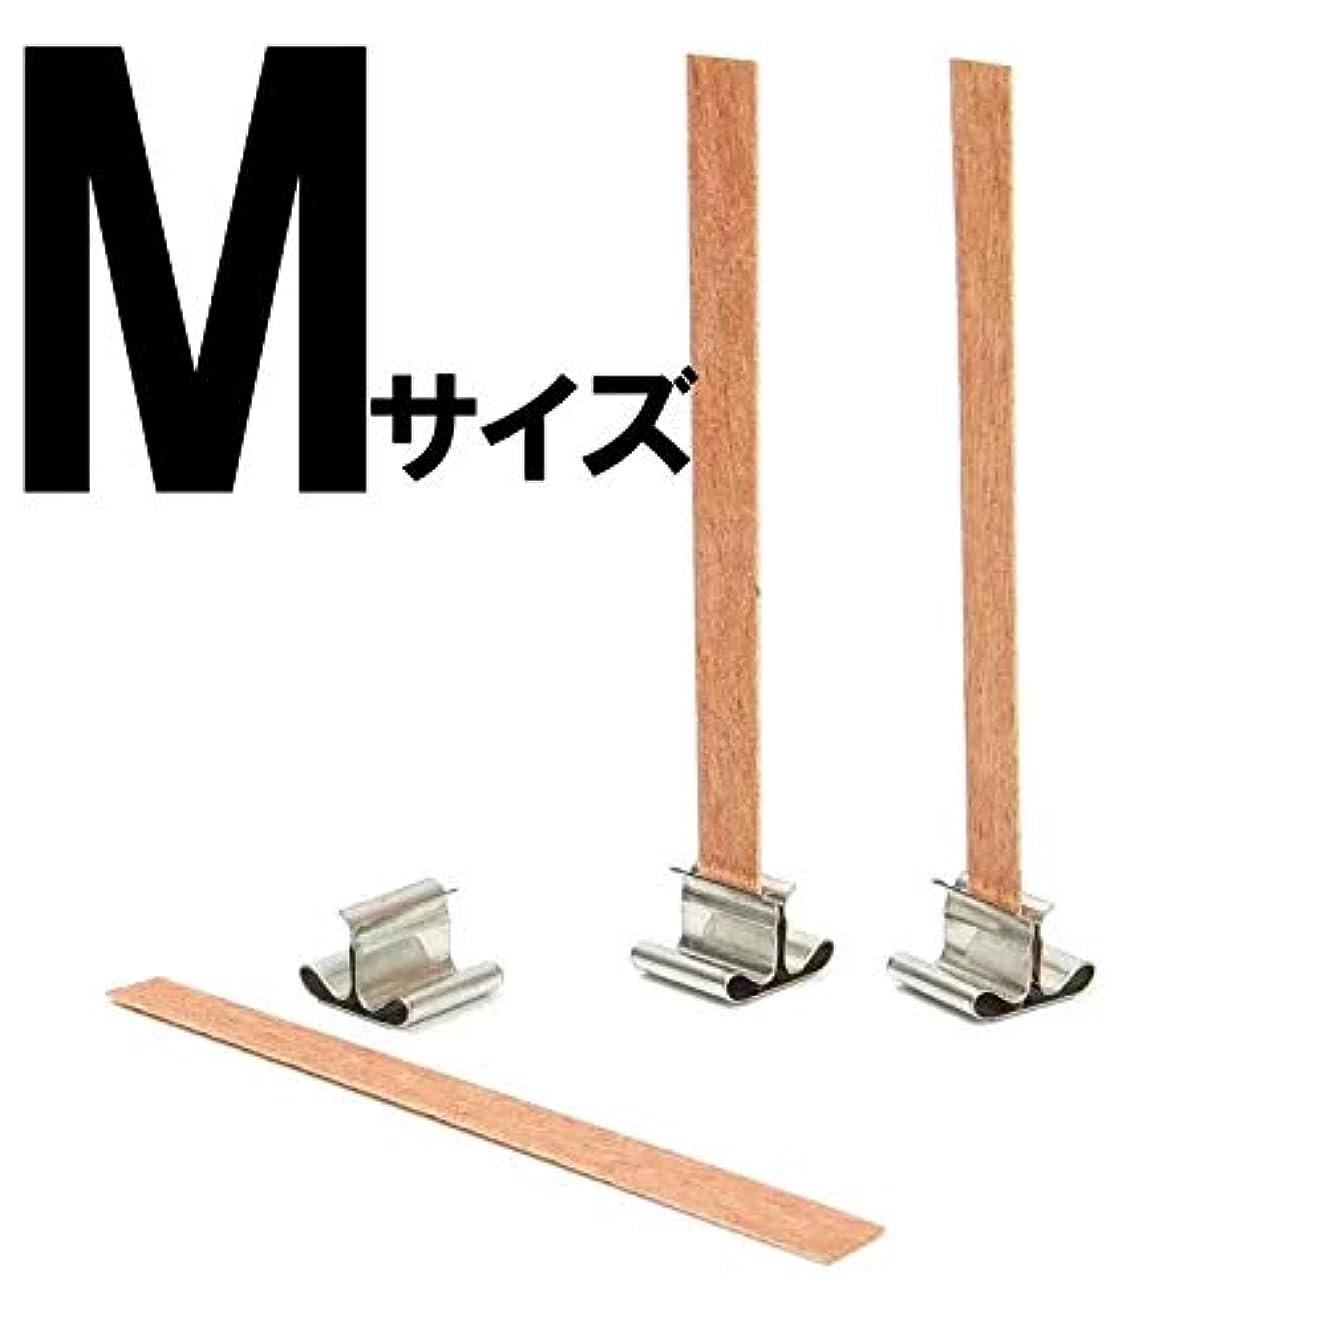 言及するに頼る成人期キャンドル用 木芯 ウッドウィック 座金付き Mサイズ (5本セット)